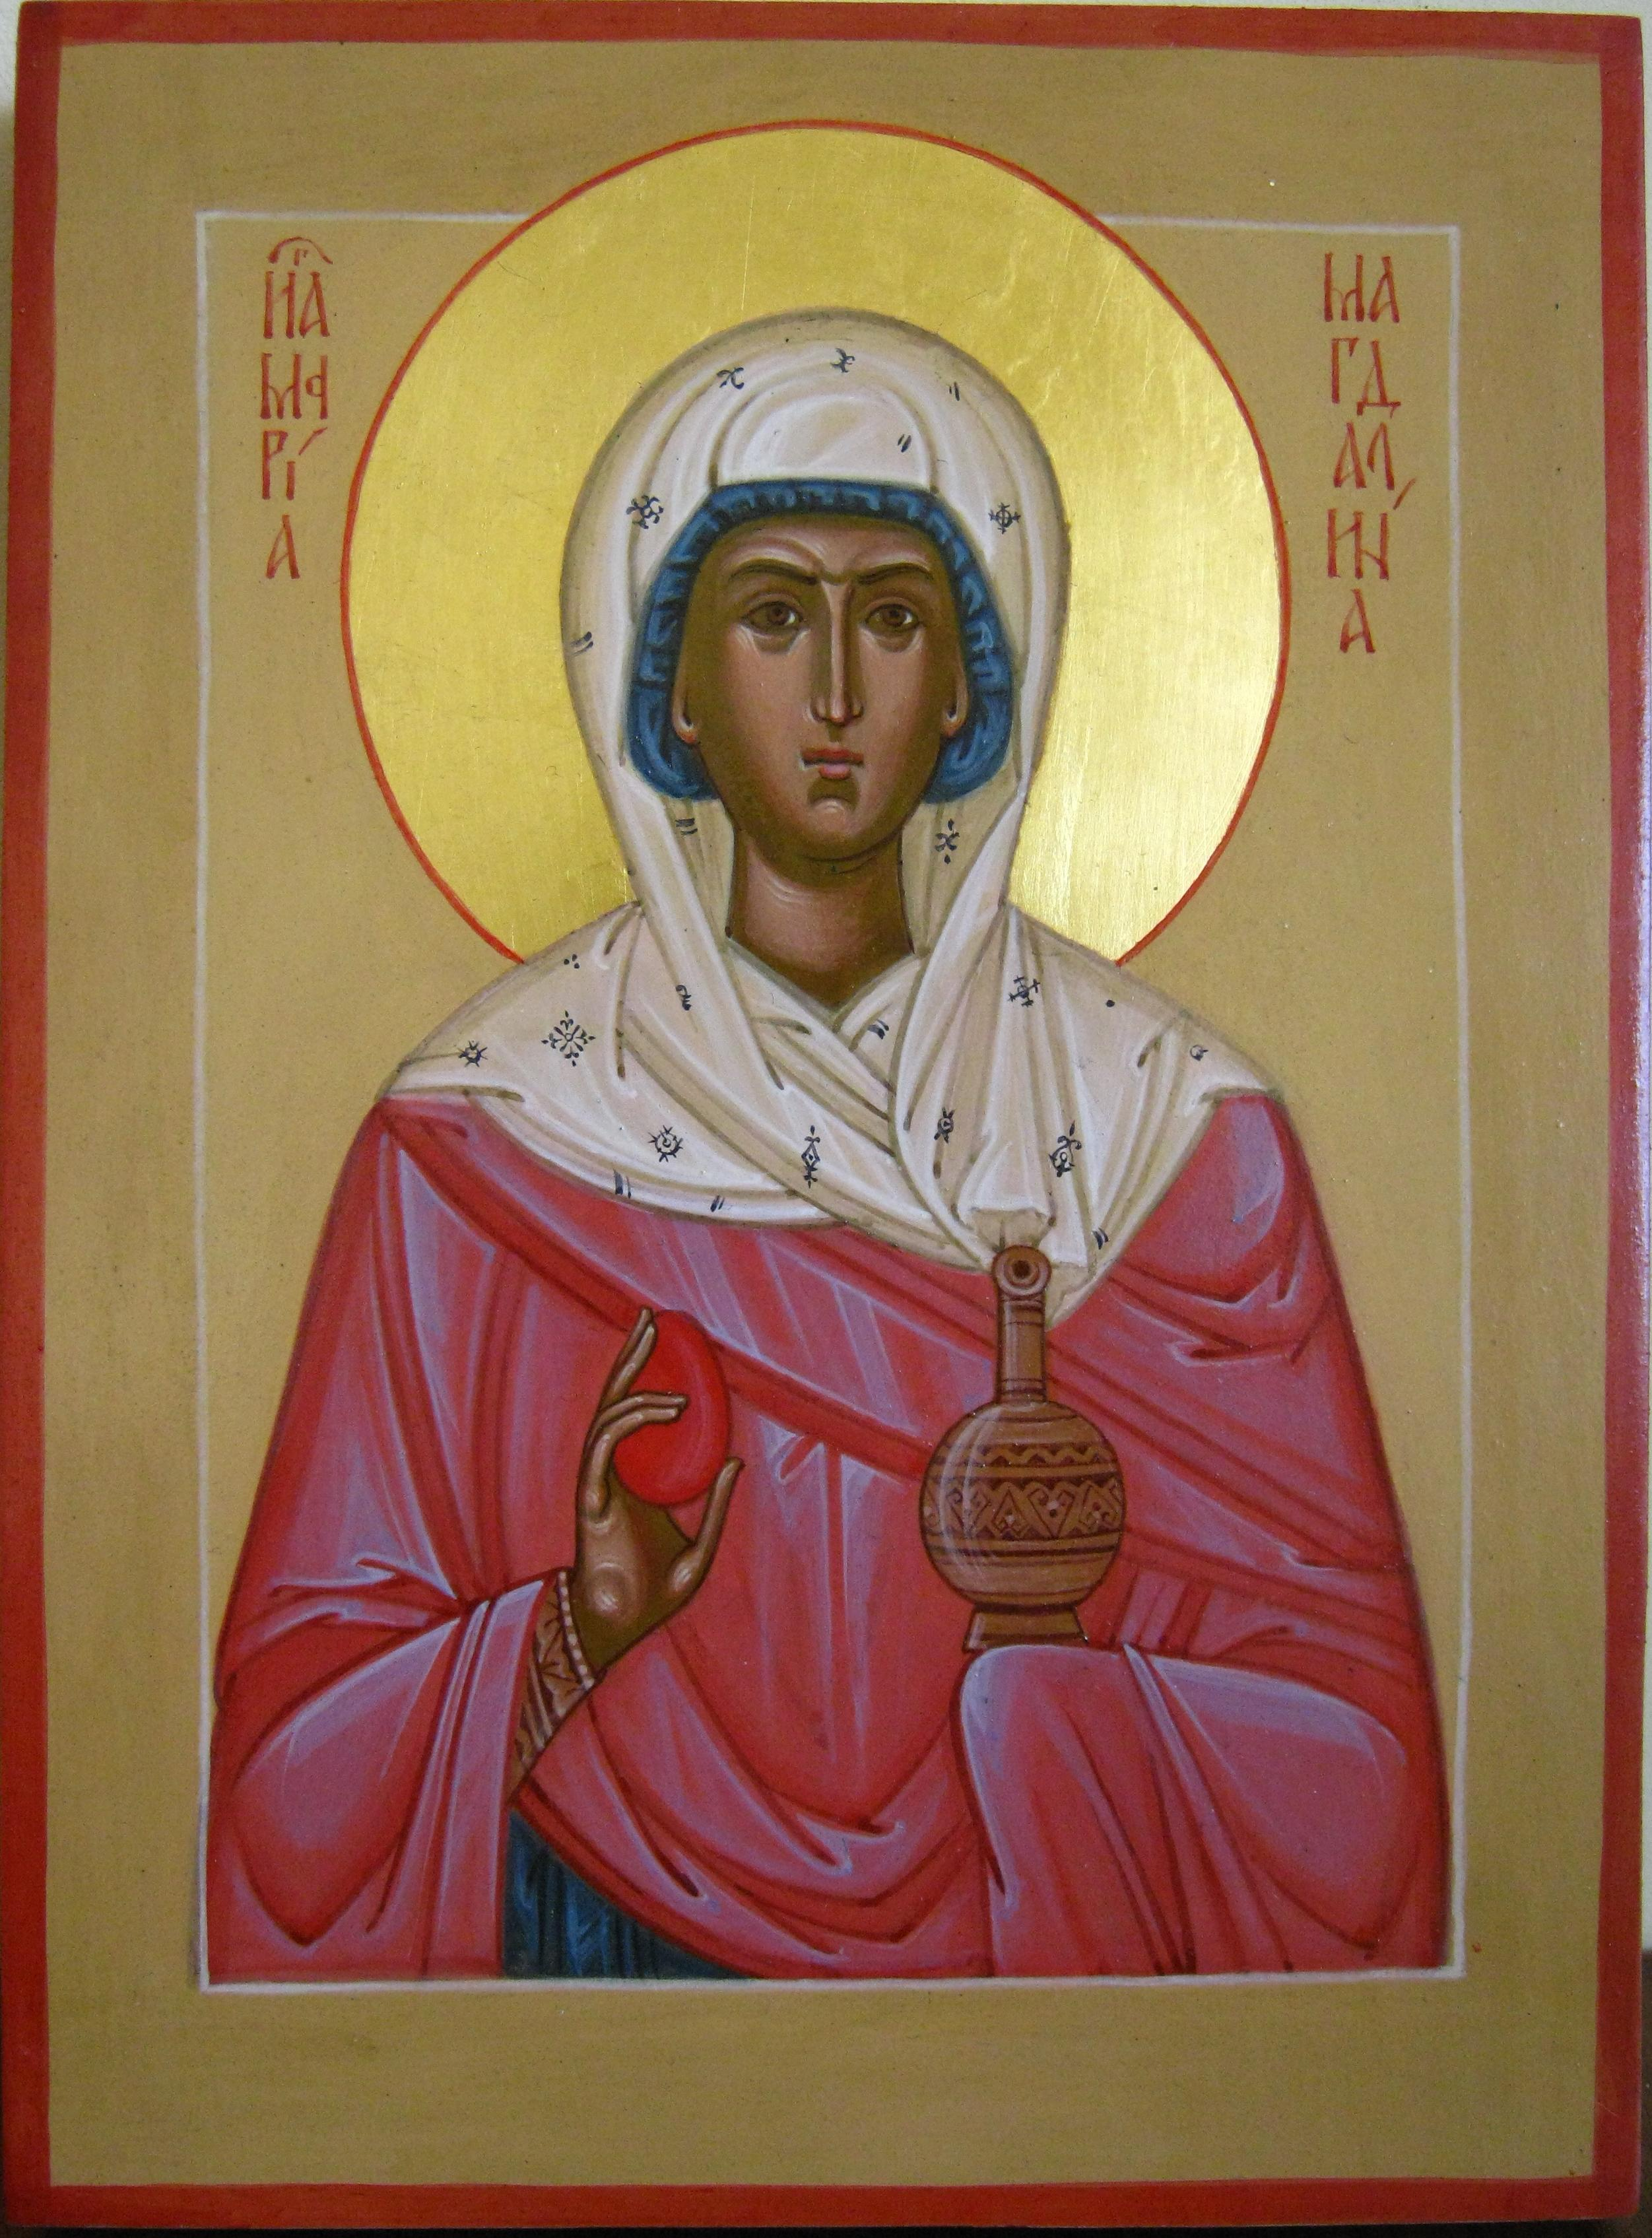 Икона Св. Марии Магдалины, Иконы ...: sobor-shop.ru/shop/UID_552.html